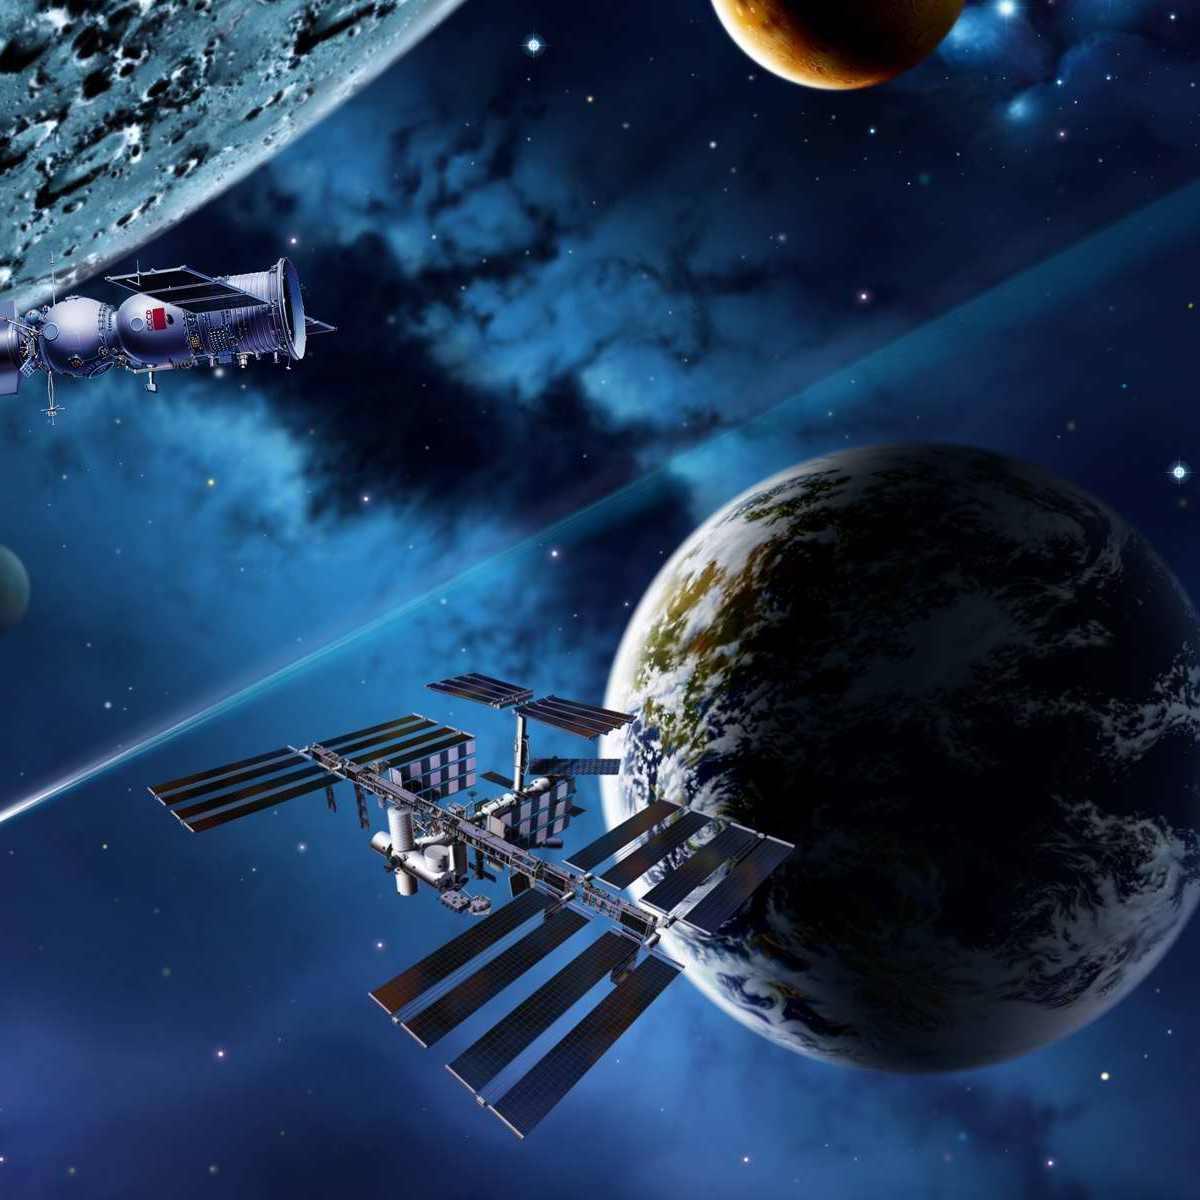 末日预言者_世界末日预言你相信哪一个?2012、2020、2045年,都说世界会毁灭